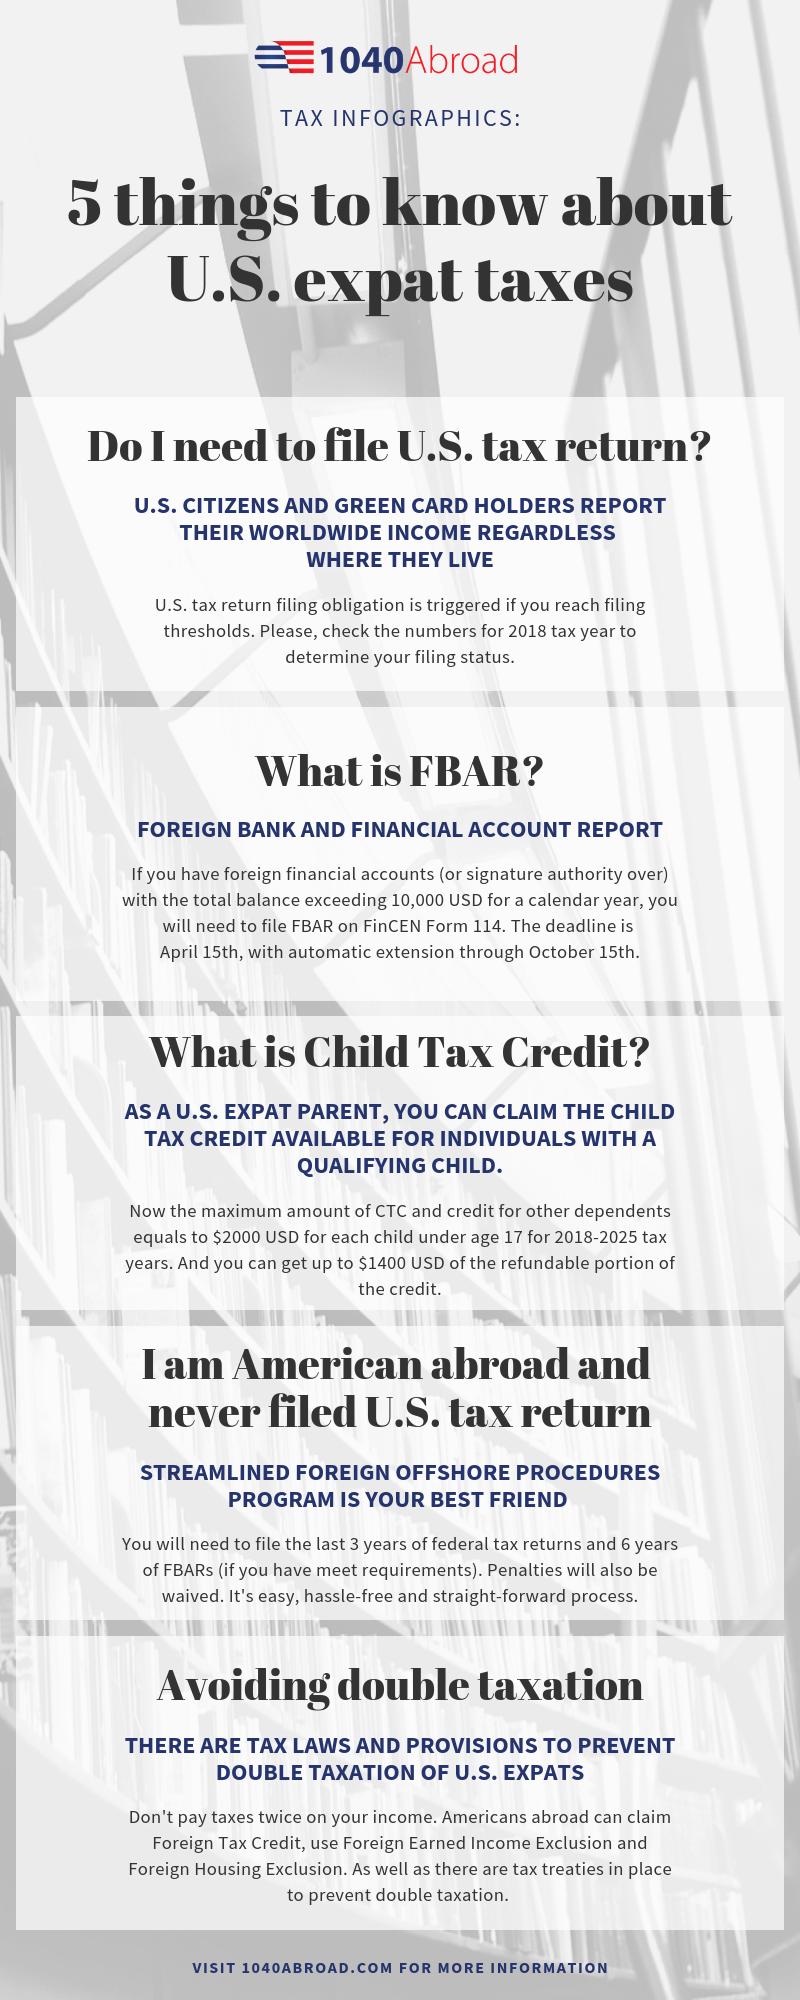 infographic, international taxation, tax obligations, US expats, FBAR, tax return, child tax credit, double taxation